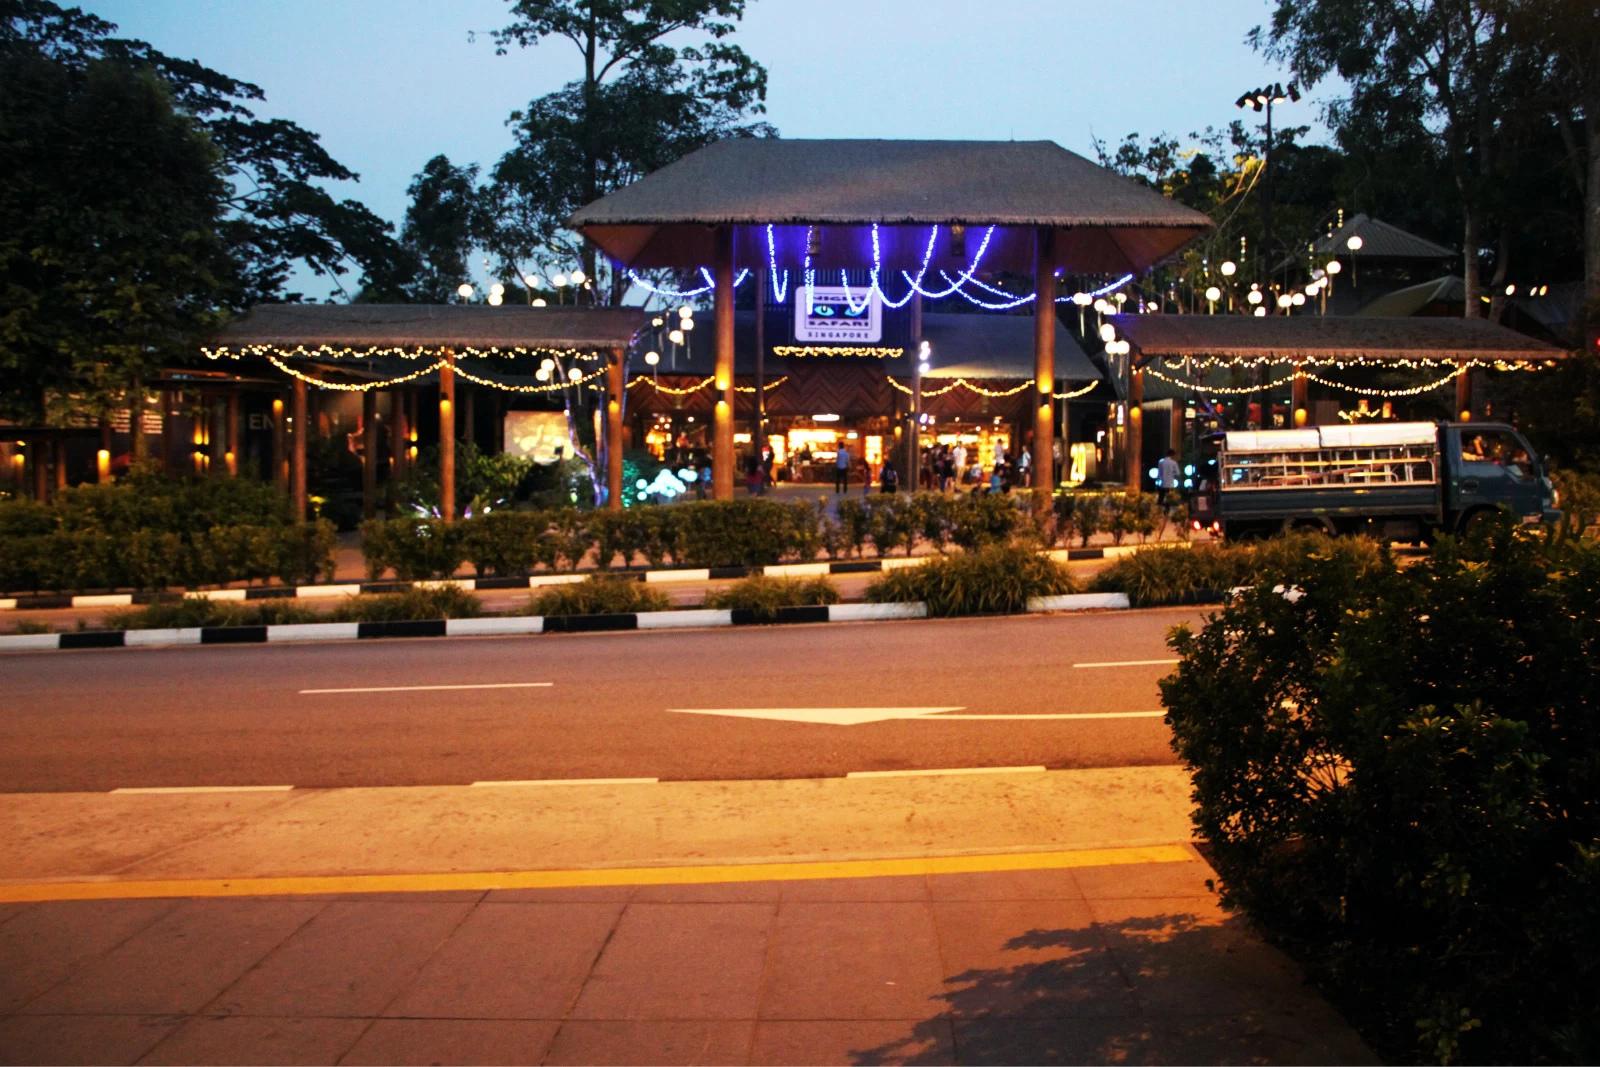 夜间野生动物园,新加坡夜间野生动物园攻略/地址